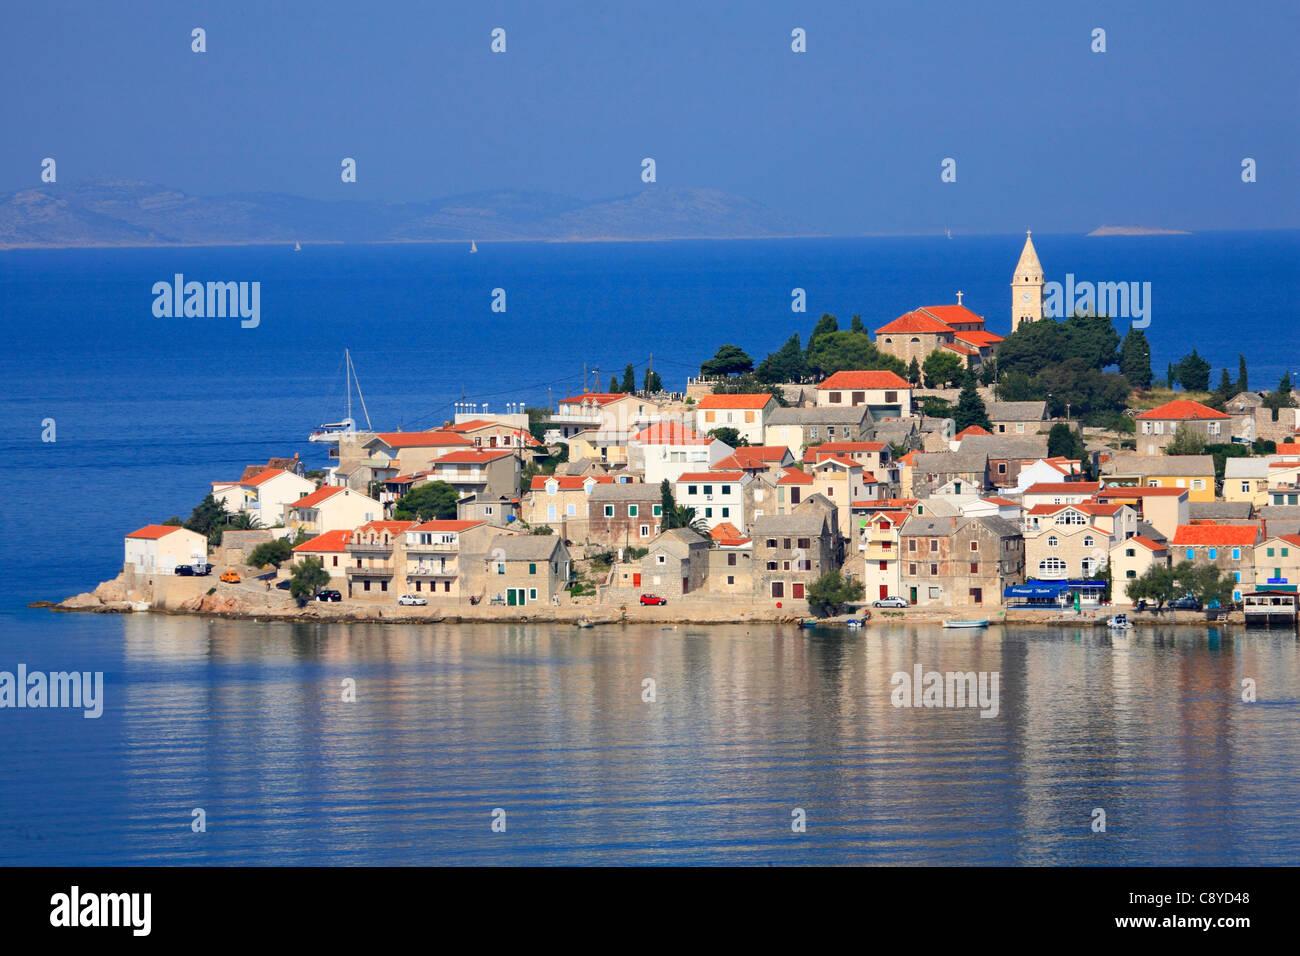 Primosten town in Croatia - Stock Image